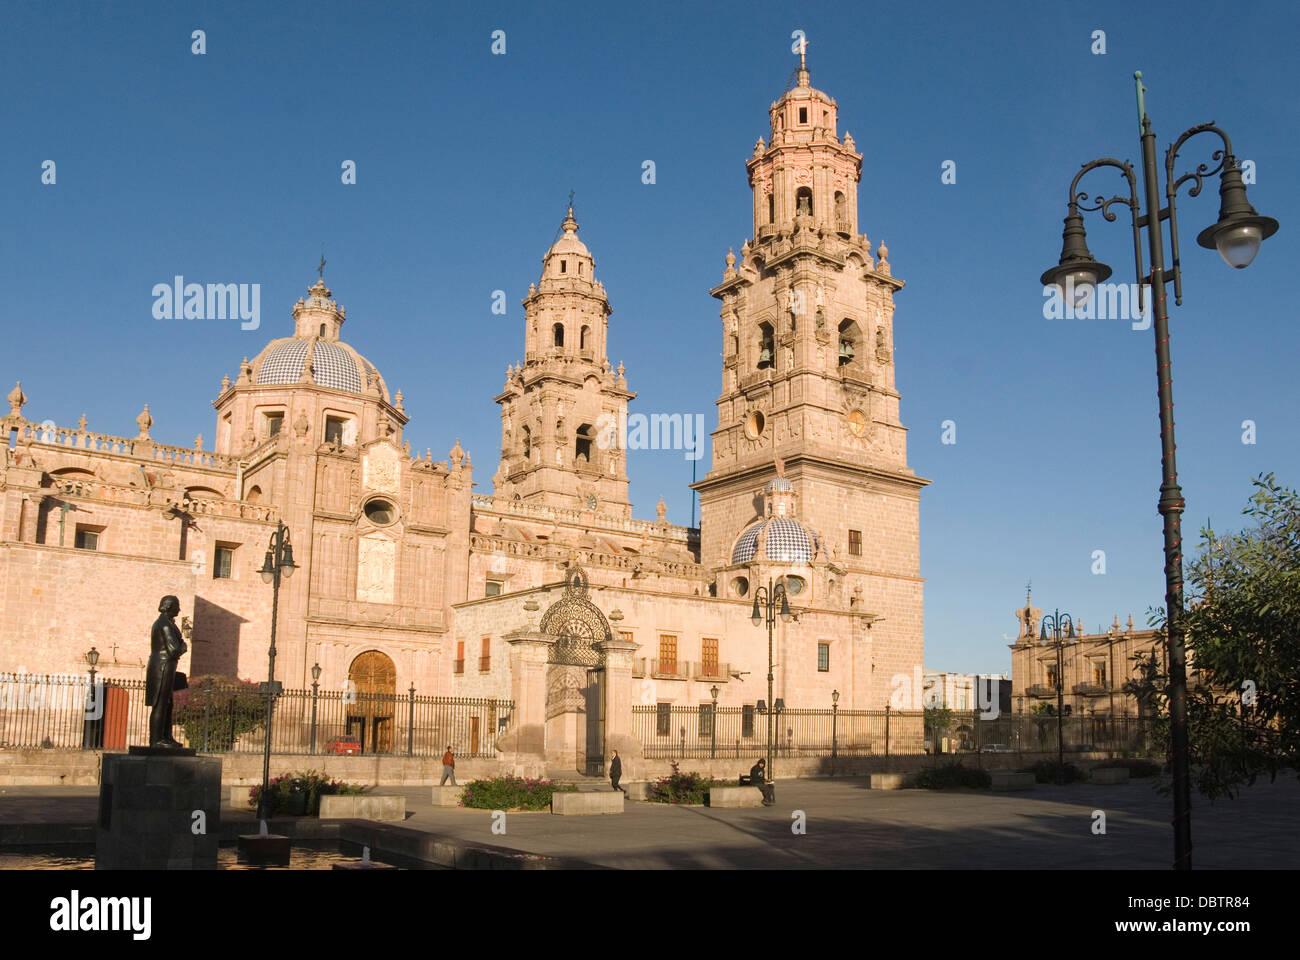 Catedral, Morelia, Michoacan, Mexico, North America - Stock Image